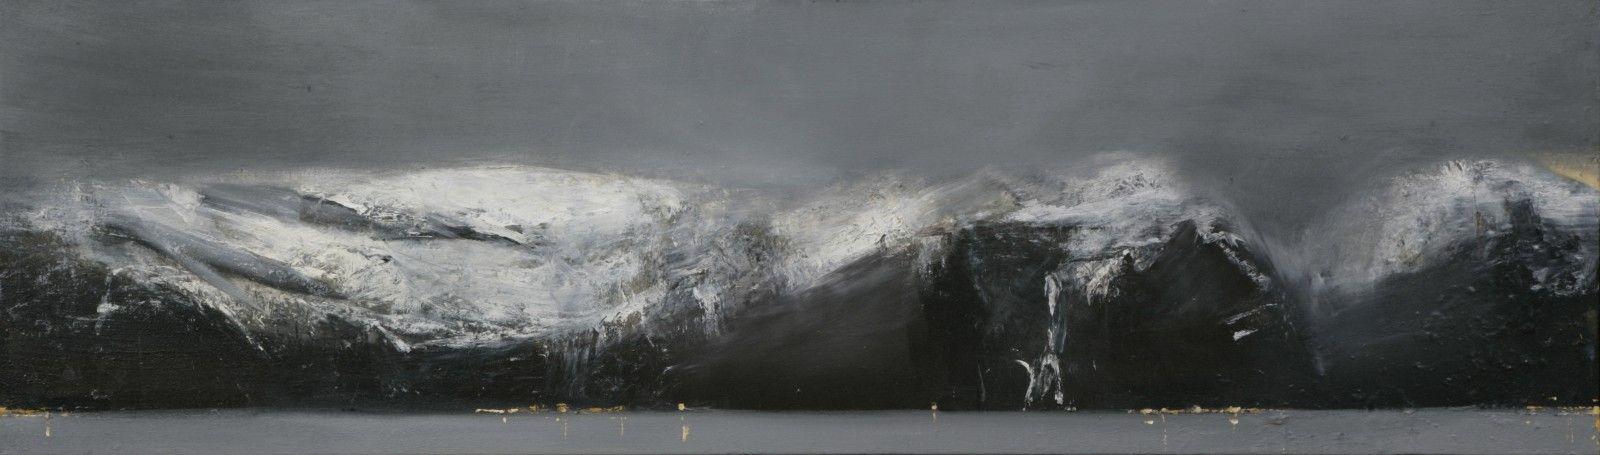 Ørnulf Opdahl: Fjordlandskap, 2009